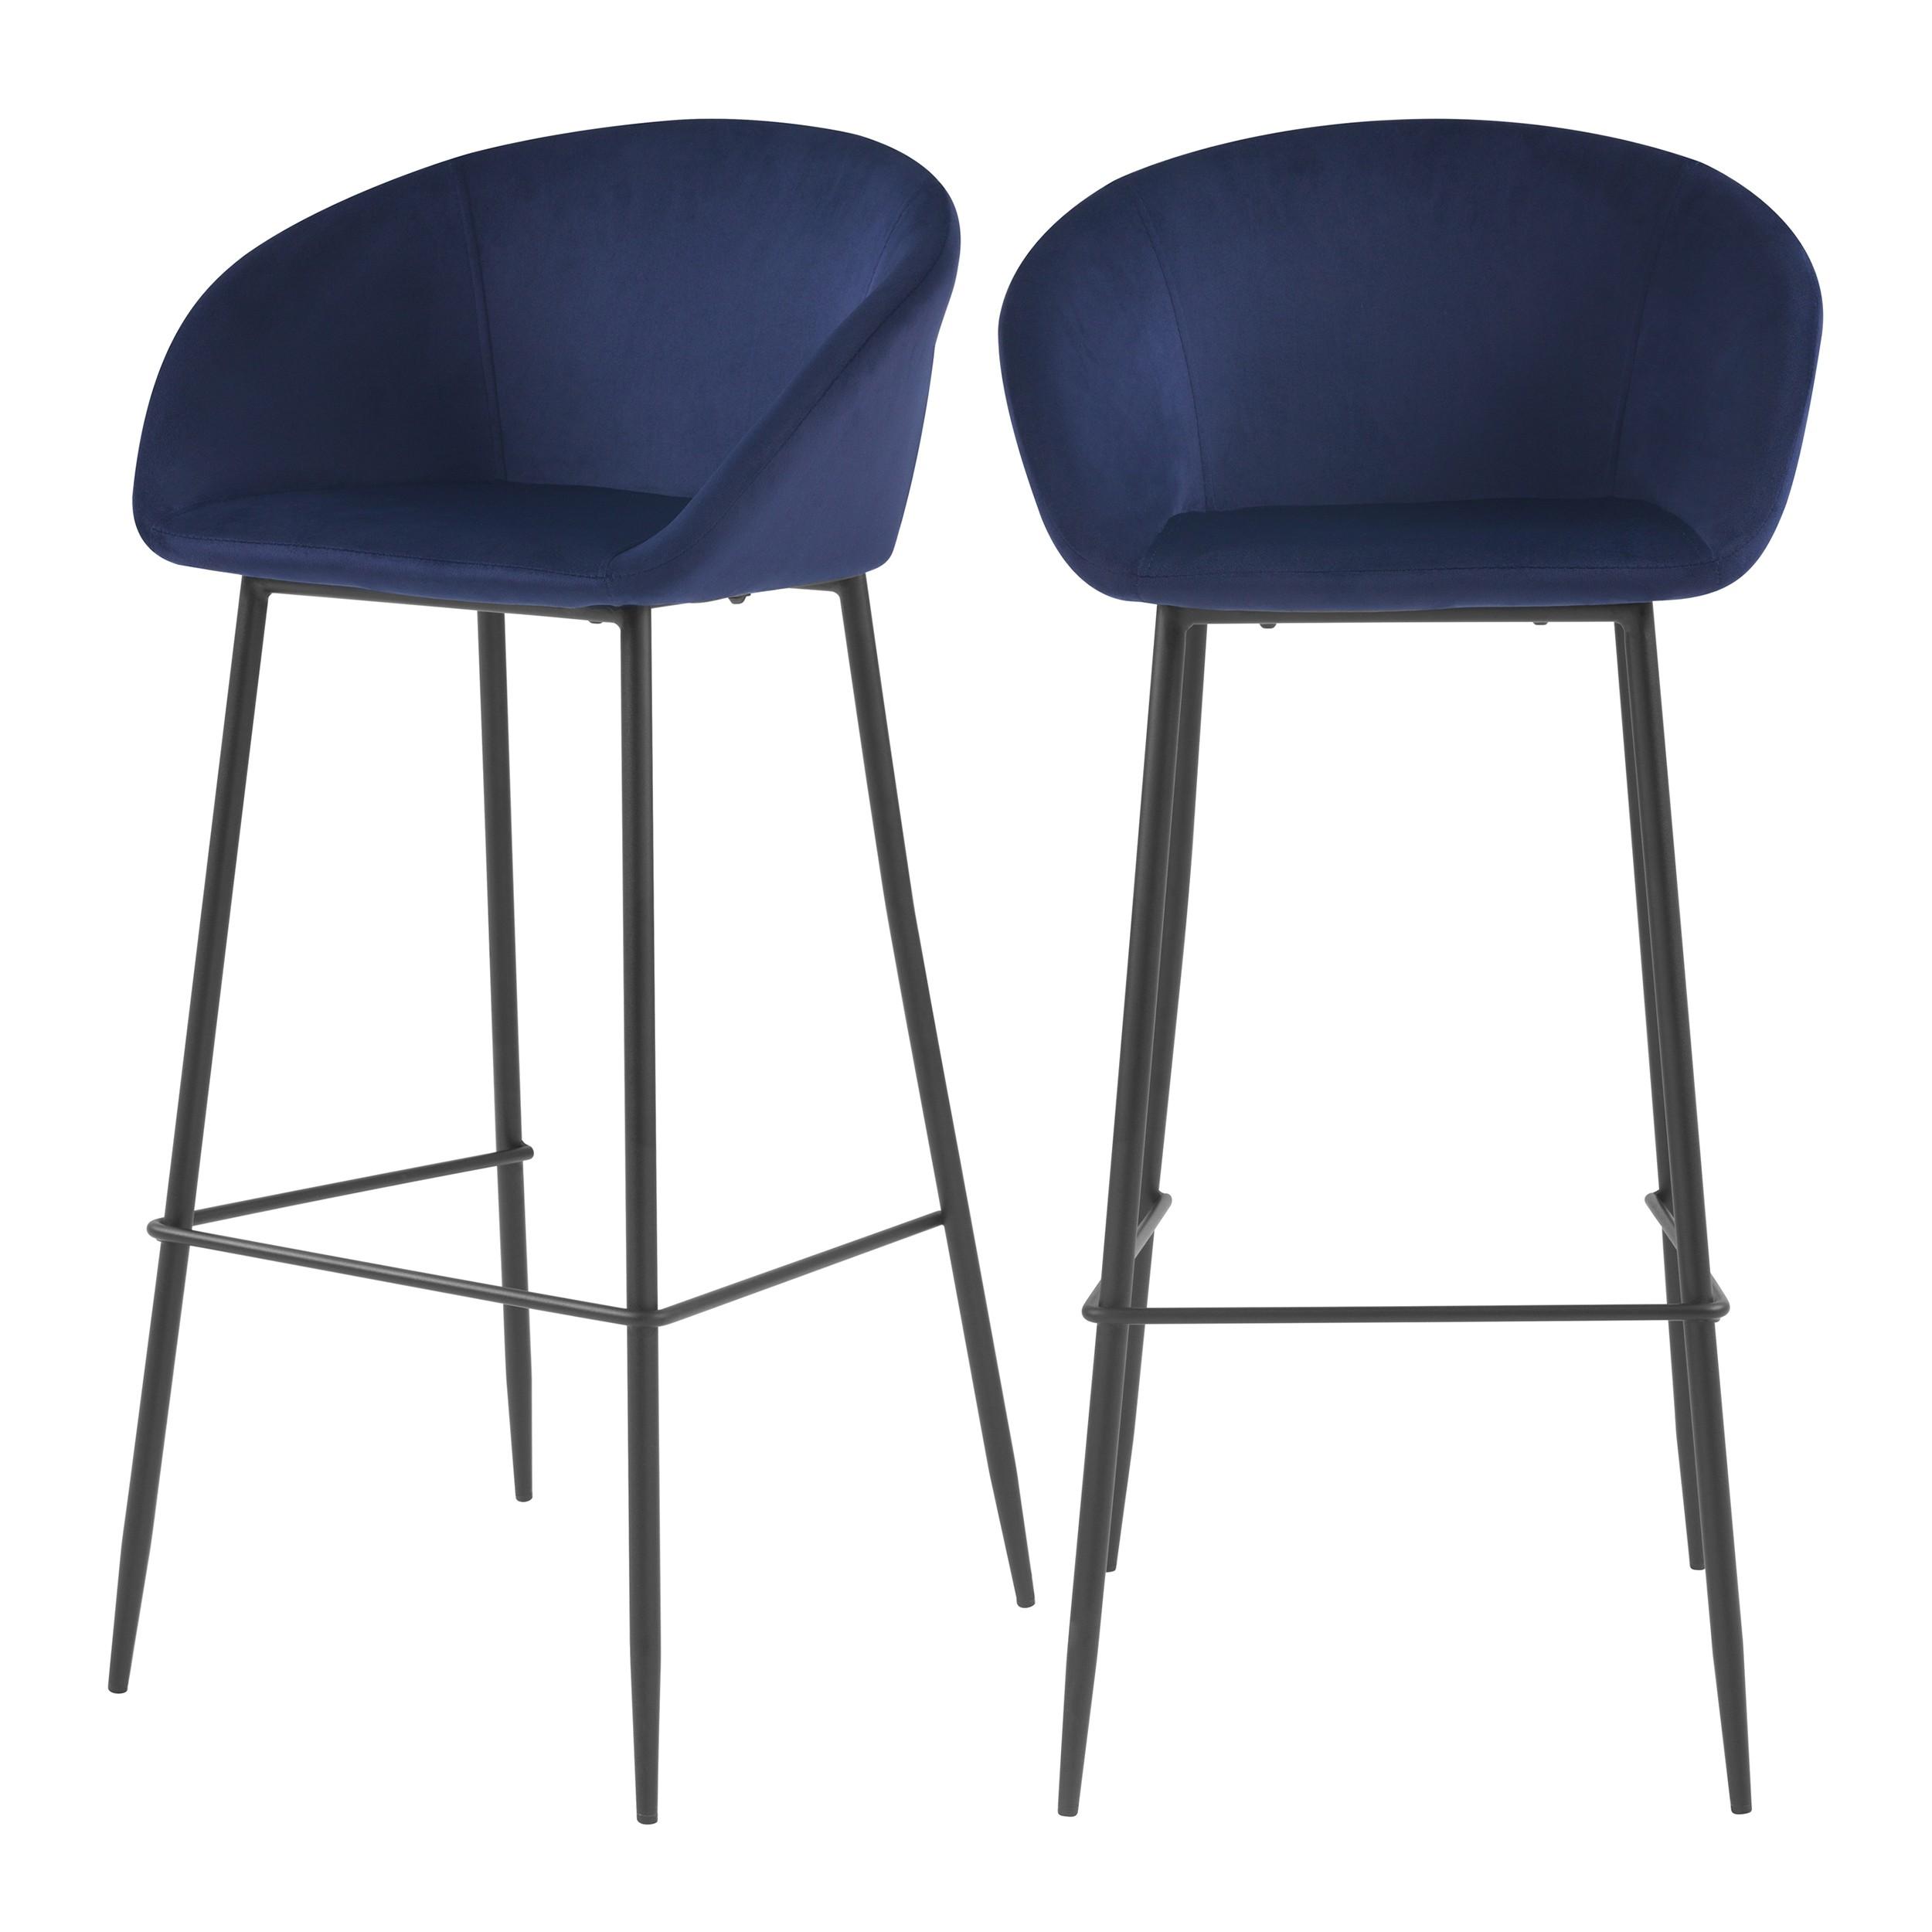 acheter chaise de bar en velours bleue pieds metal lot de 2